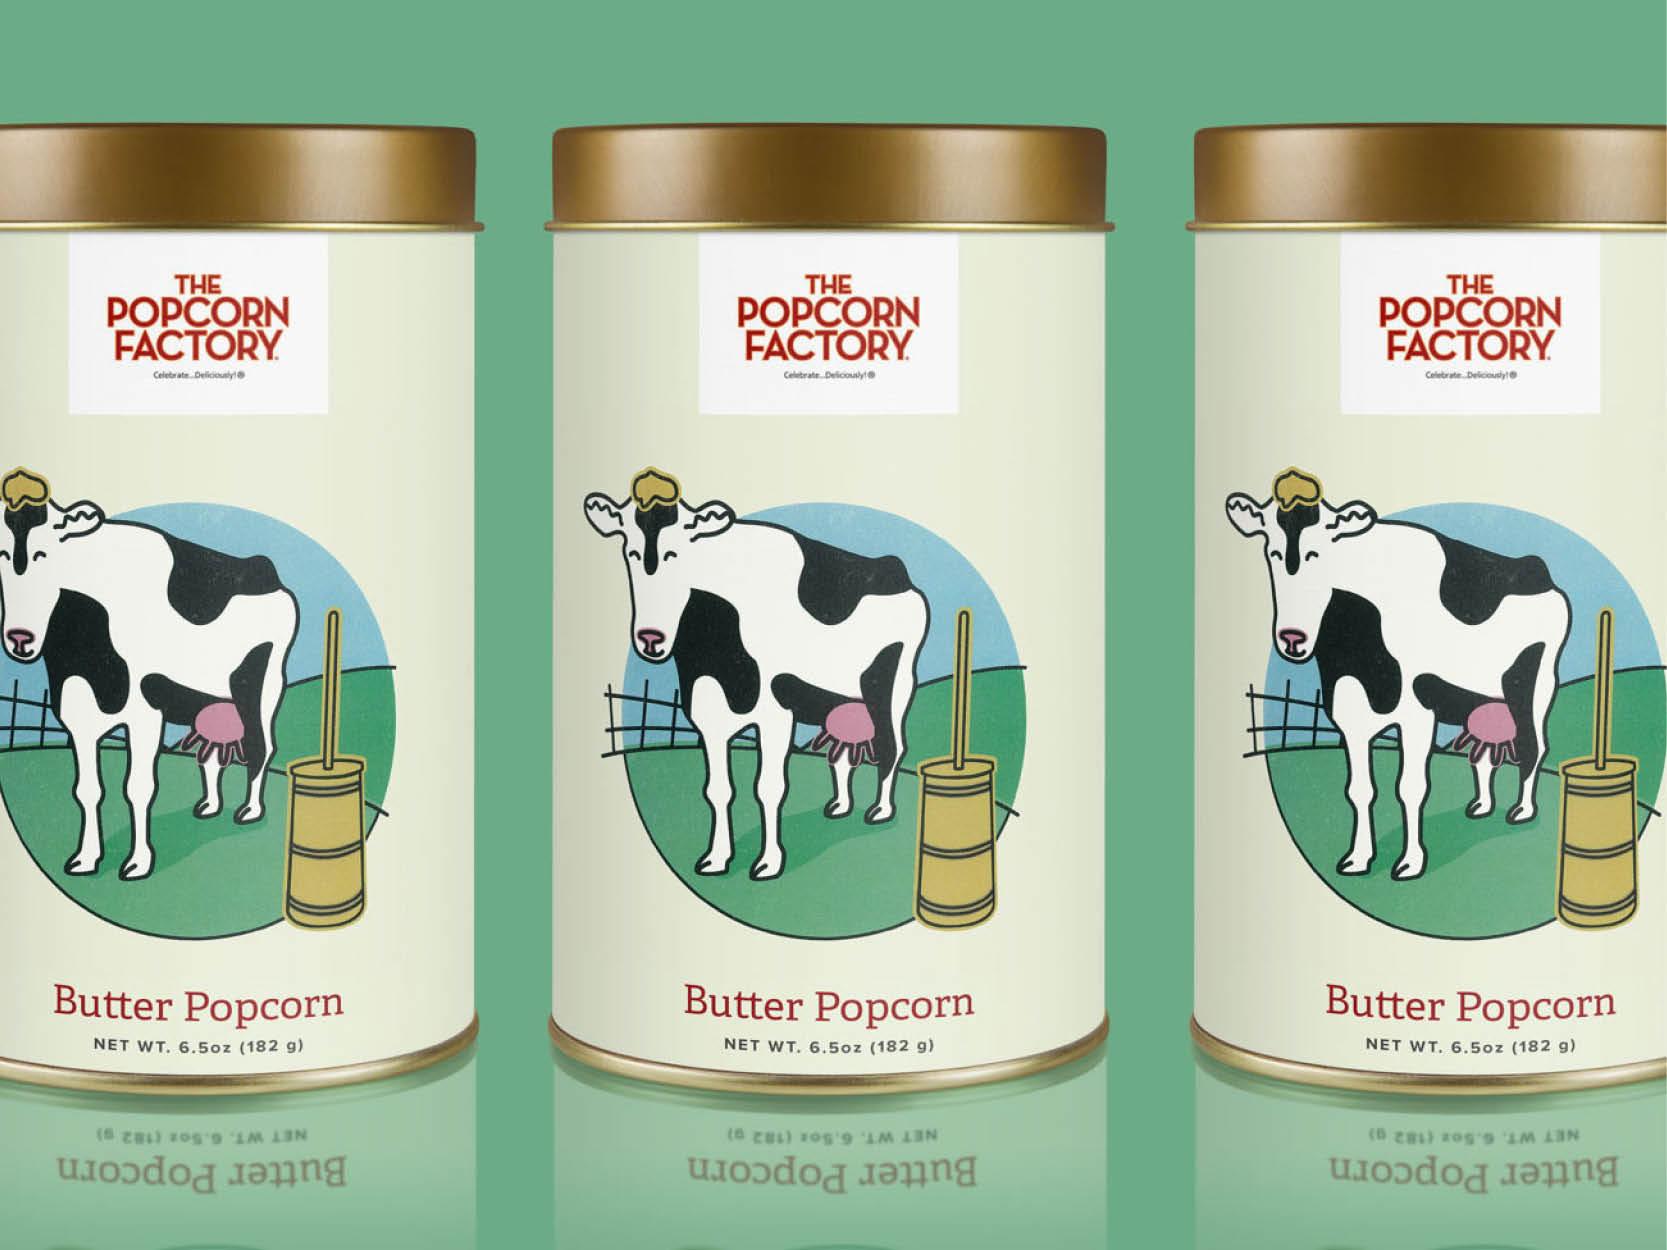 elenapotter-illustration-popcorn-1.jpg